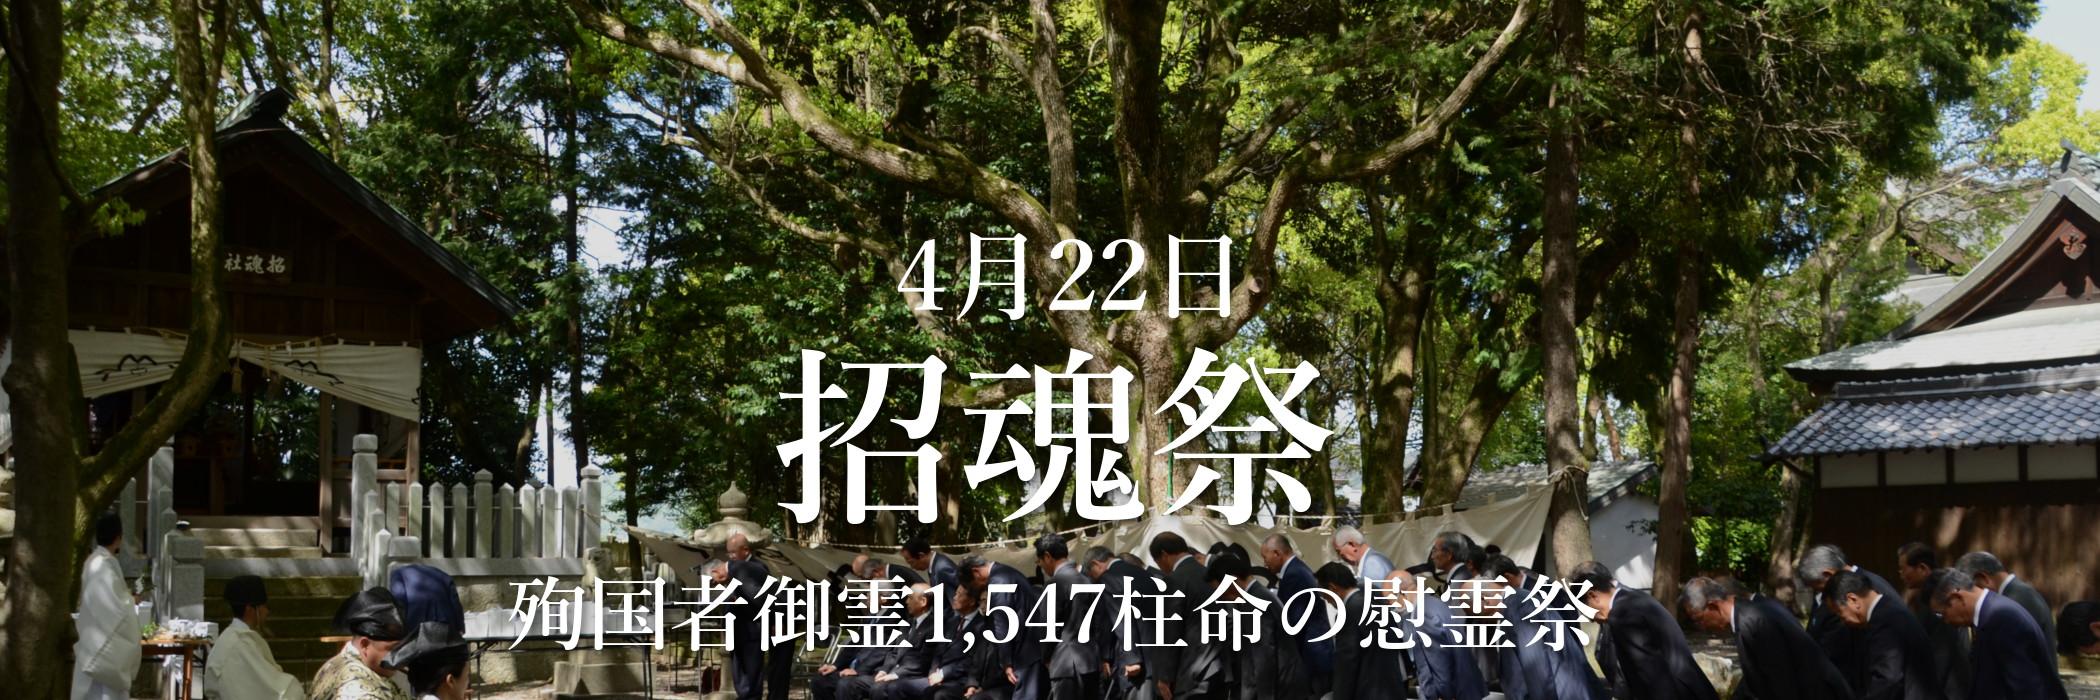 招魂祭 4月22日